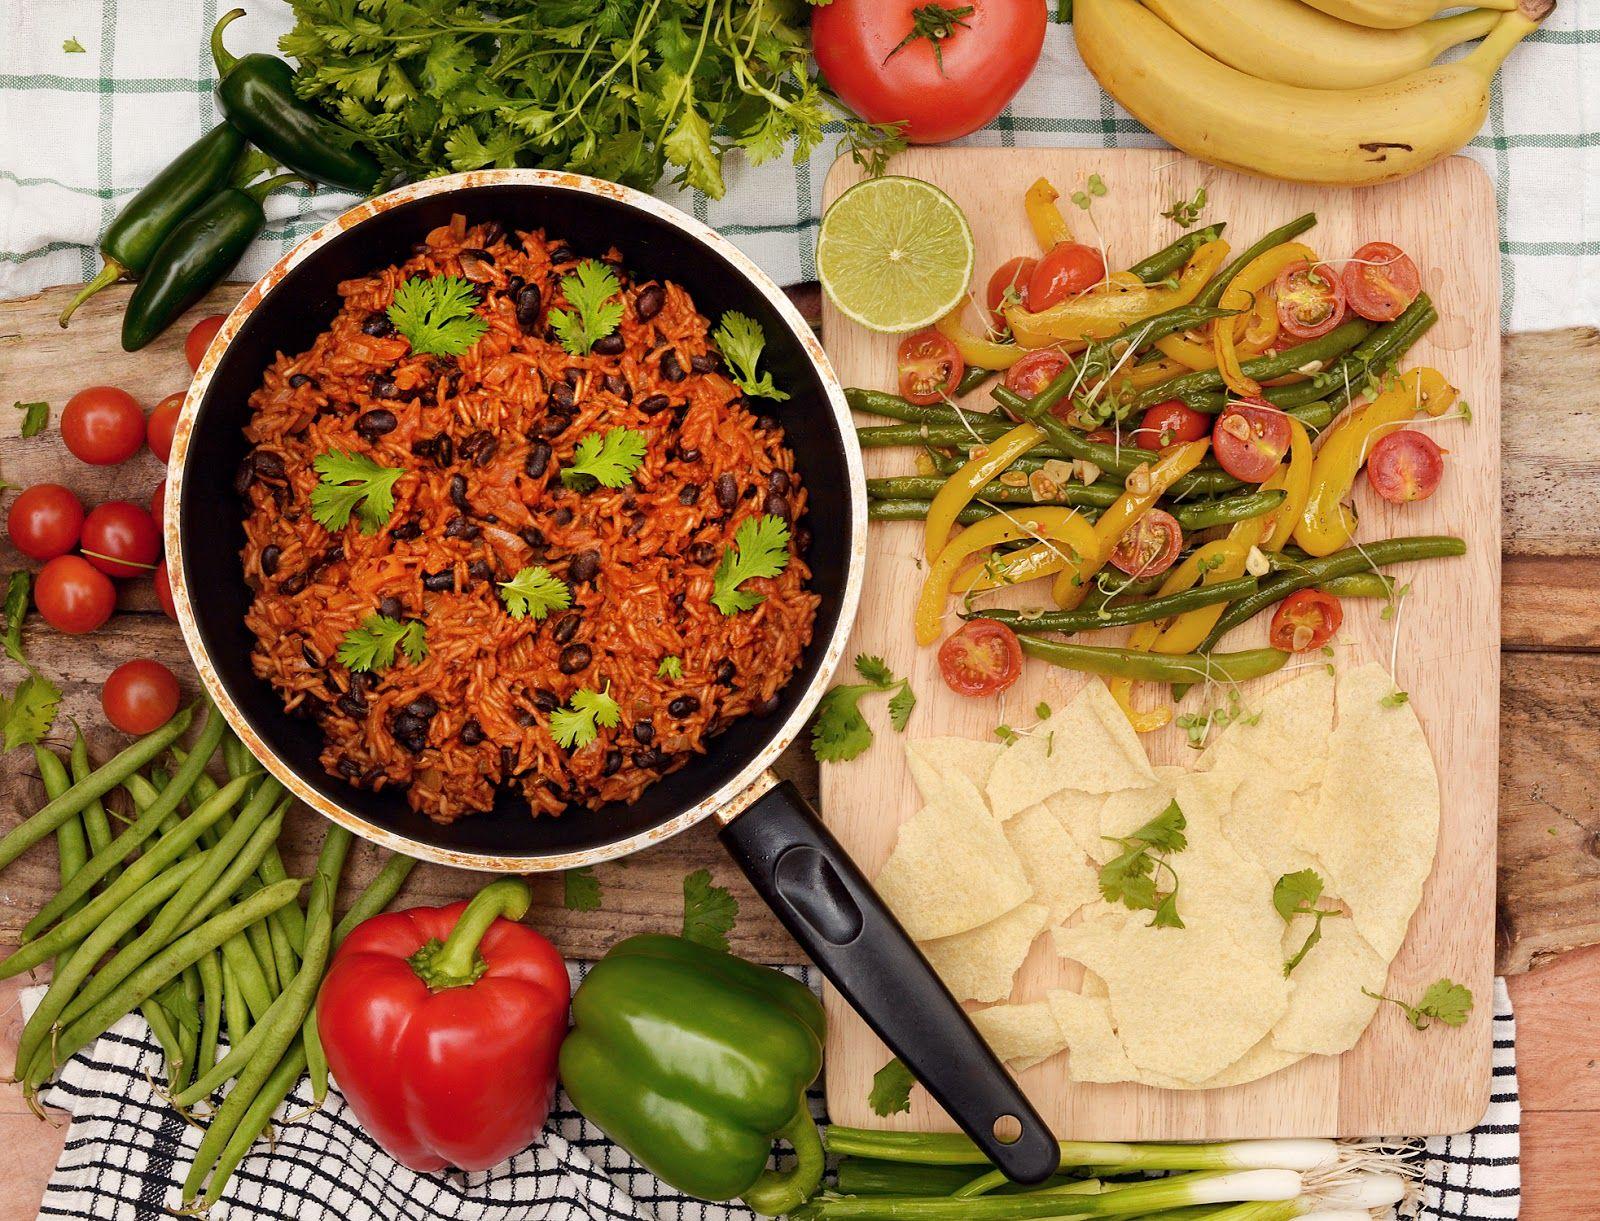 Wegetarianskie Przepisy Tanie I Szybkie Dania Domowe Warzywa W Kuchni Arroz Congri Kubanski Przepis Na Ryz Z Fasola Healthy Eating Food Vegetarian Recipes